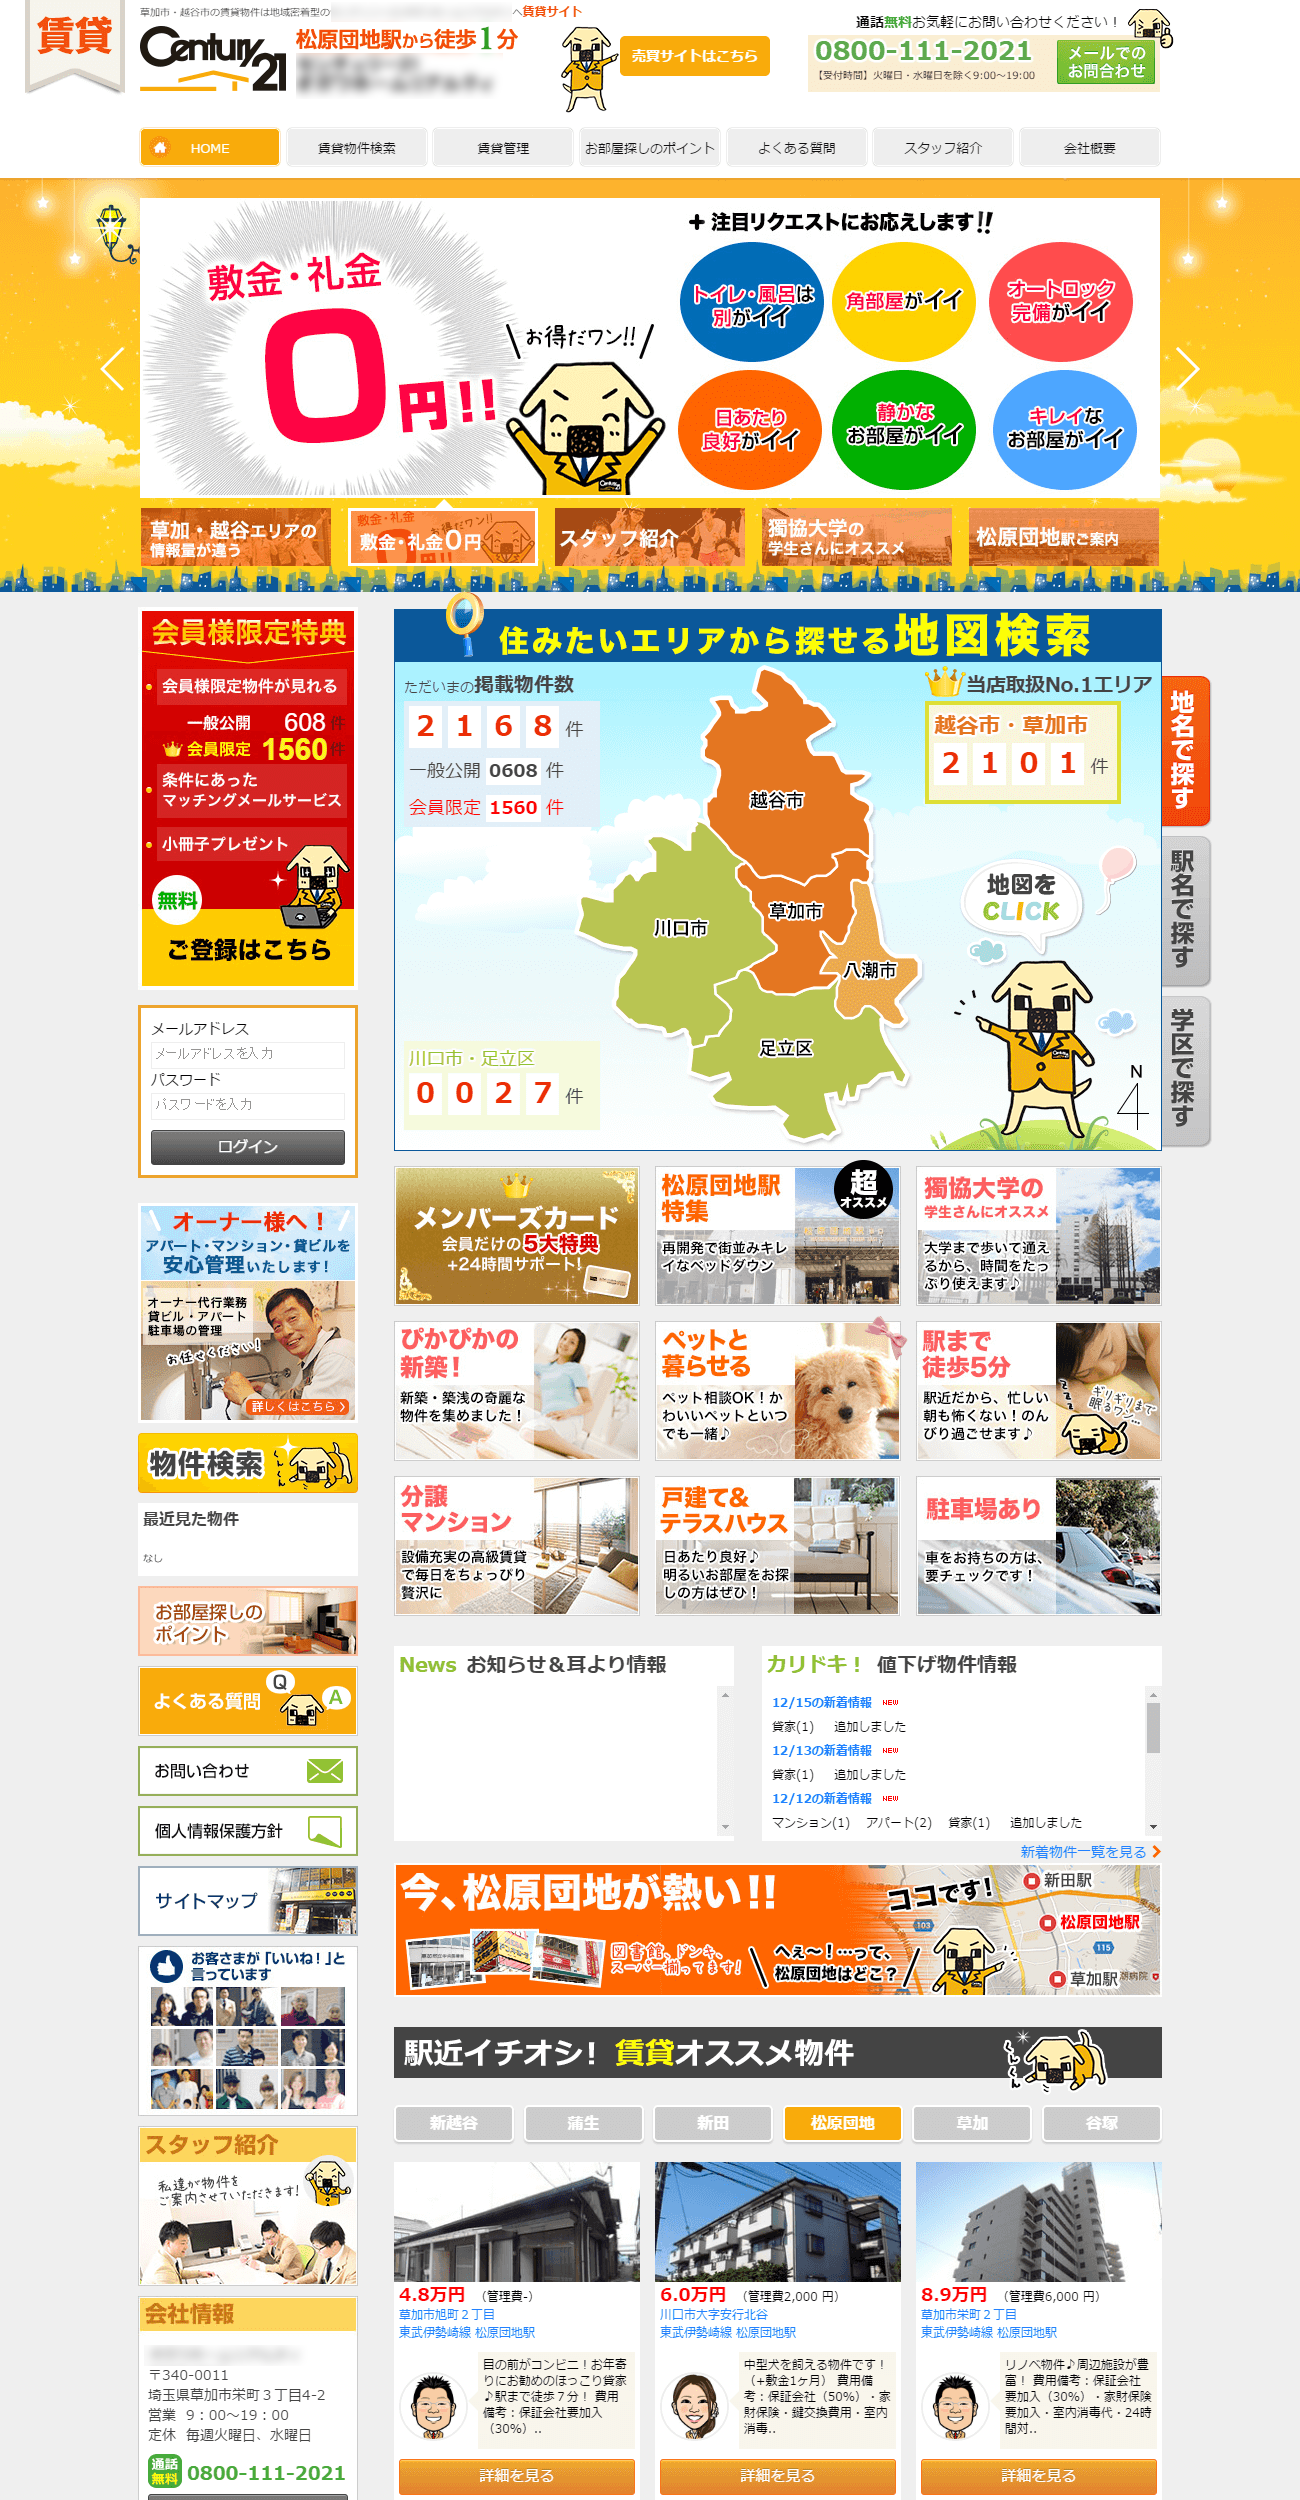 センチュリー21加盟店の不動産会社様(賃貸サイト)